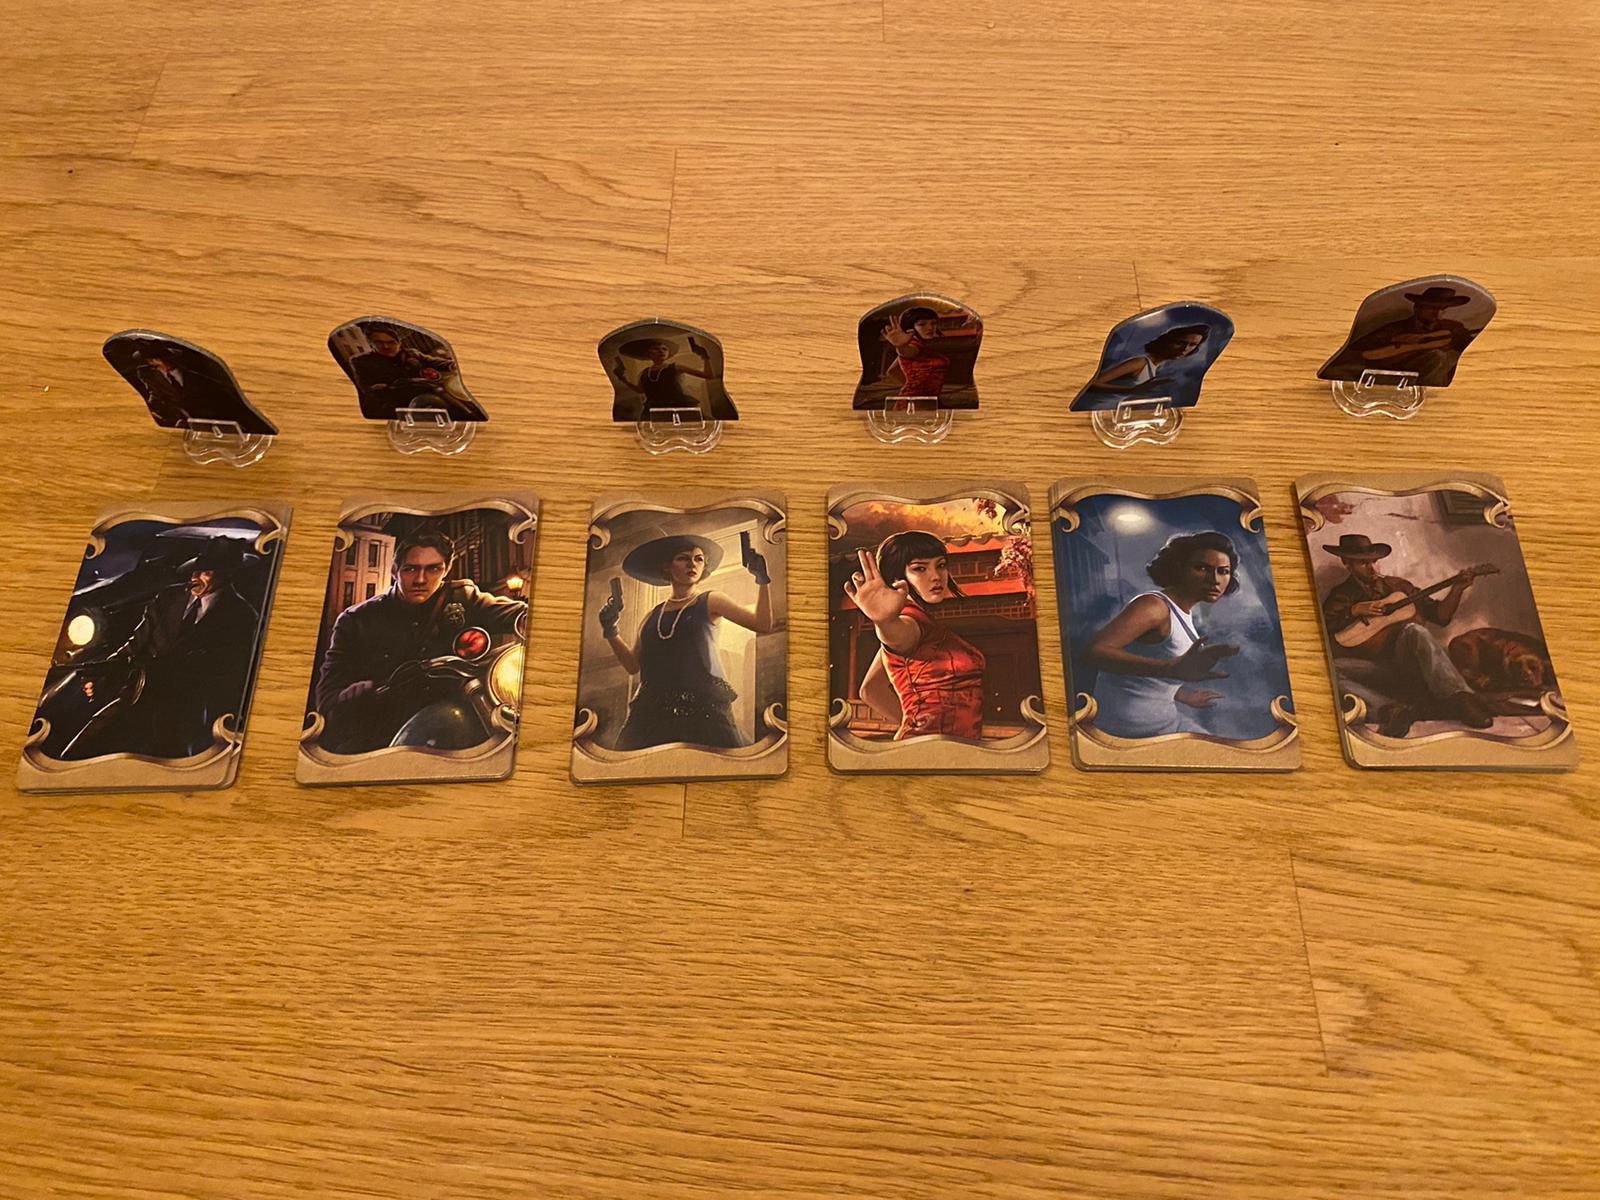 Zu sehen sind die 6 Charakteren mit ihren jeweils individuellen Kartendecks.